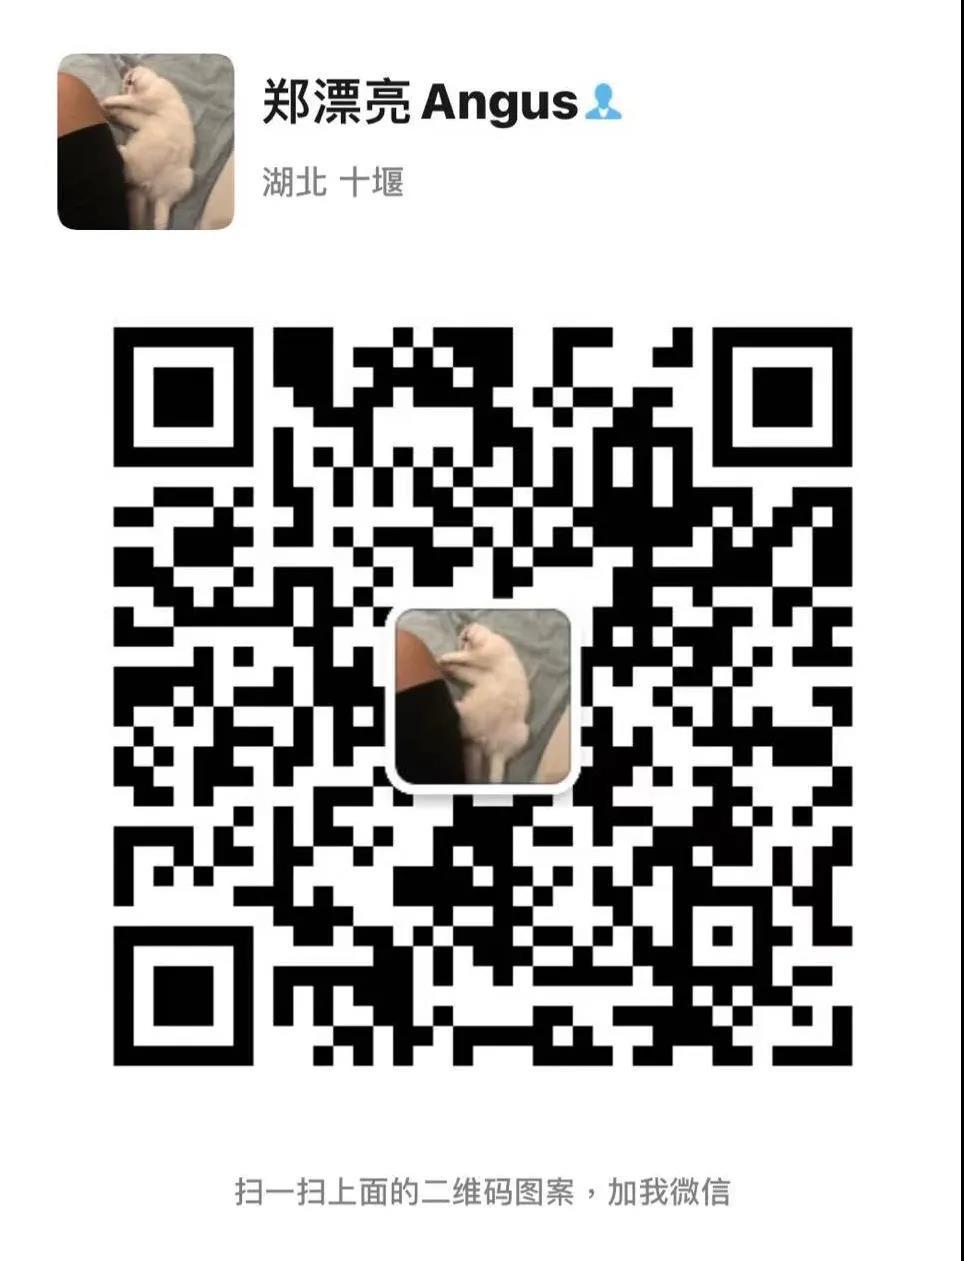 微信图片_20210816102416.jpg